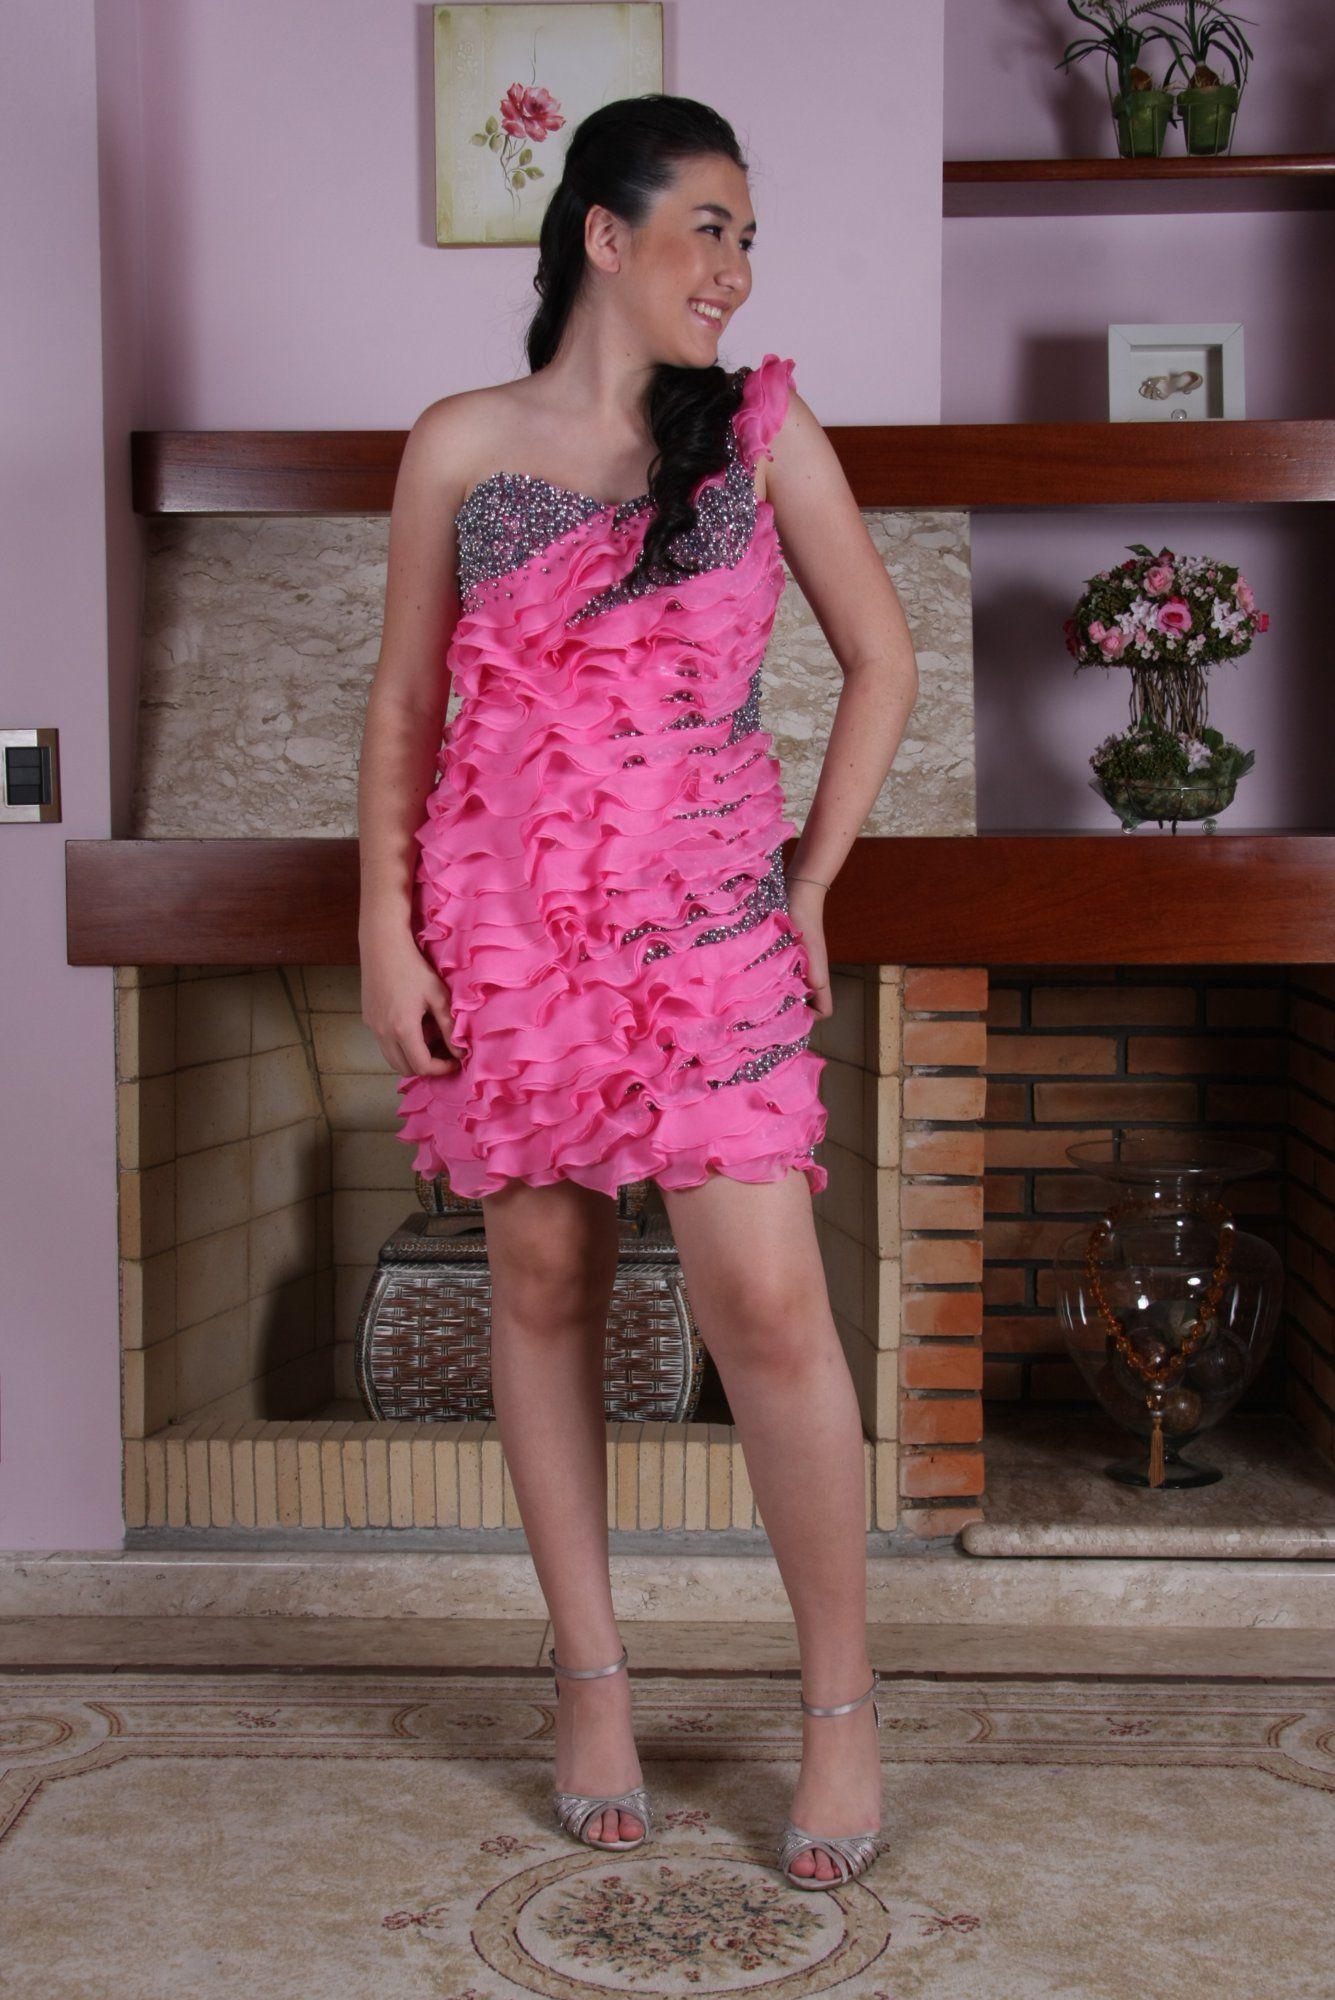 Vestido de Debutante Rosa - 16 - Hipnose Alta Costura e Spa para Noivas e Noivos - Campinas - SP Vestido de Debutante, Vestido de Debutante Rosa, Hipnose Alta Costura